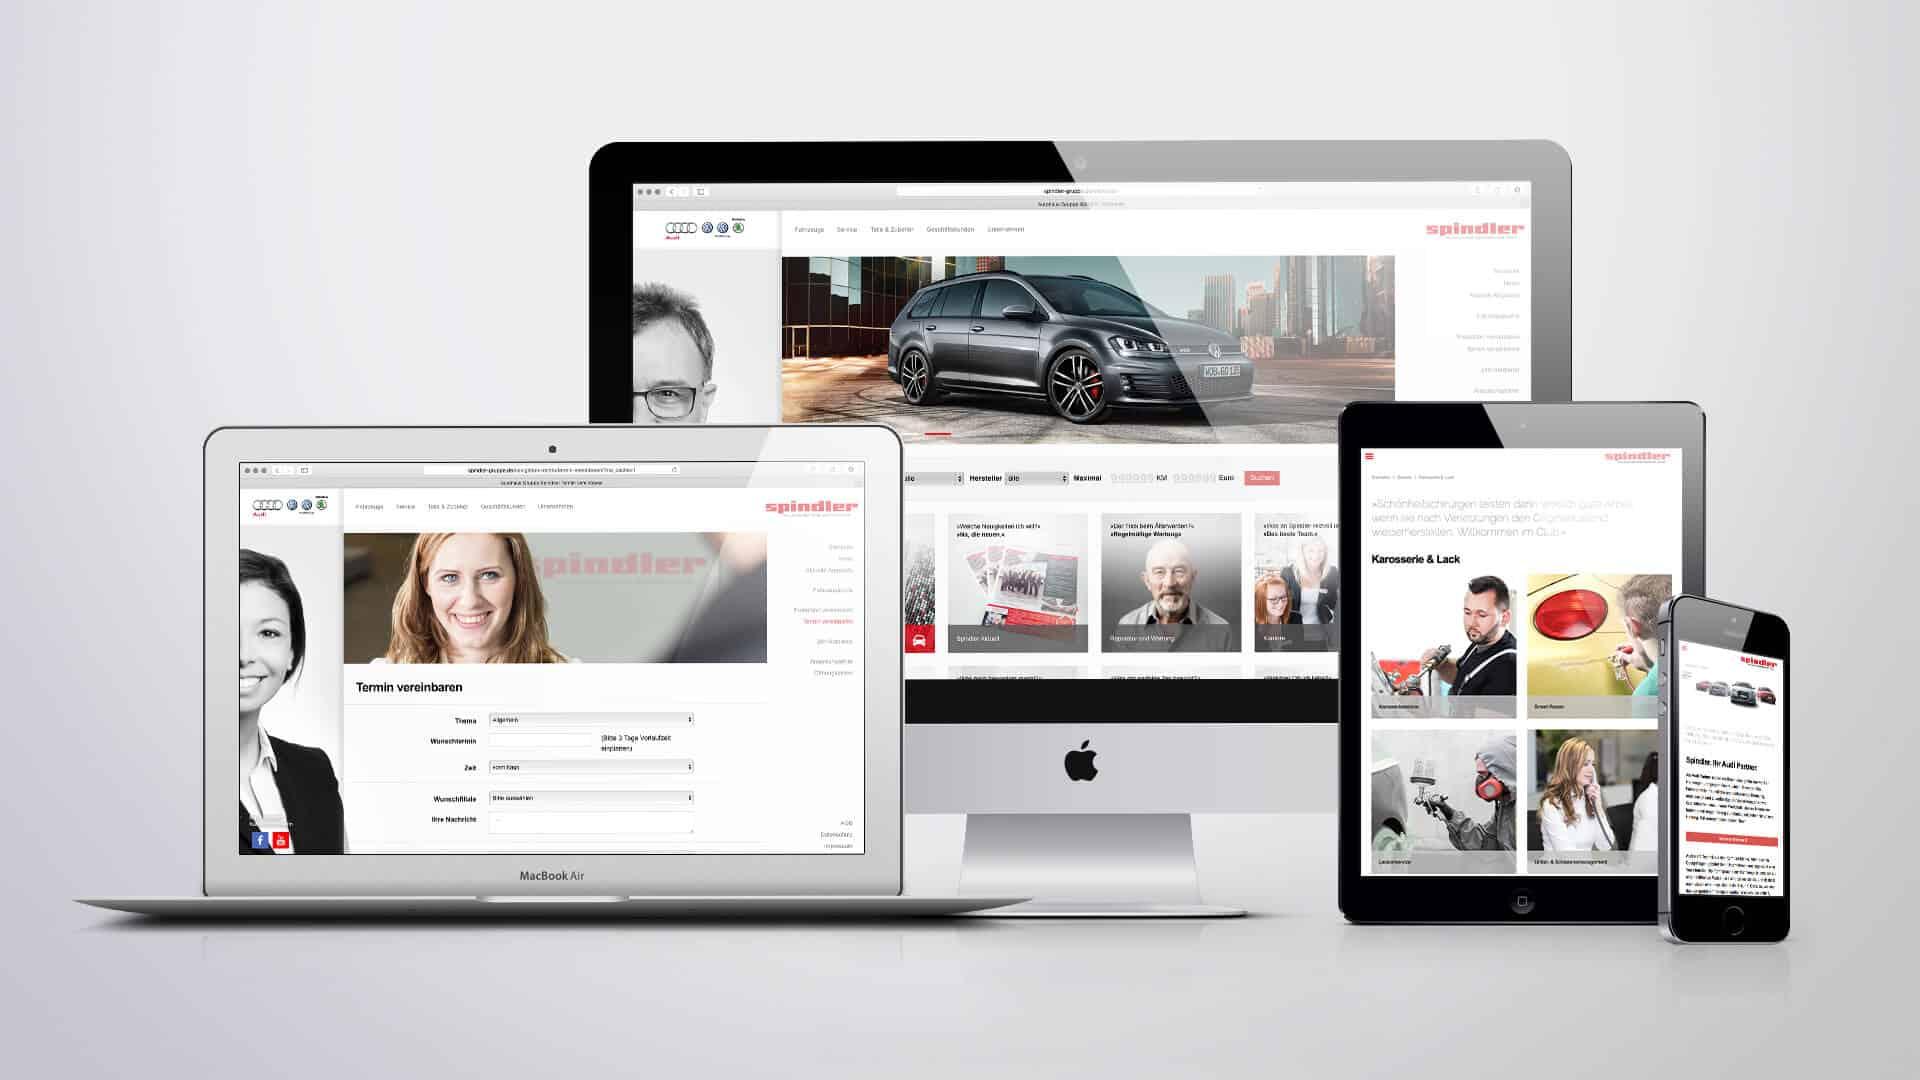 Gerryland-Referenz-Spindler-Website-Mockup